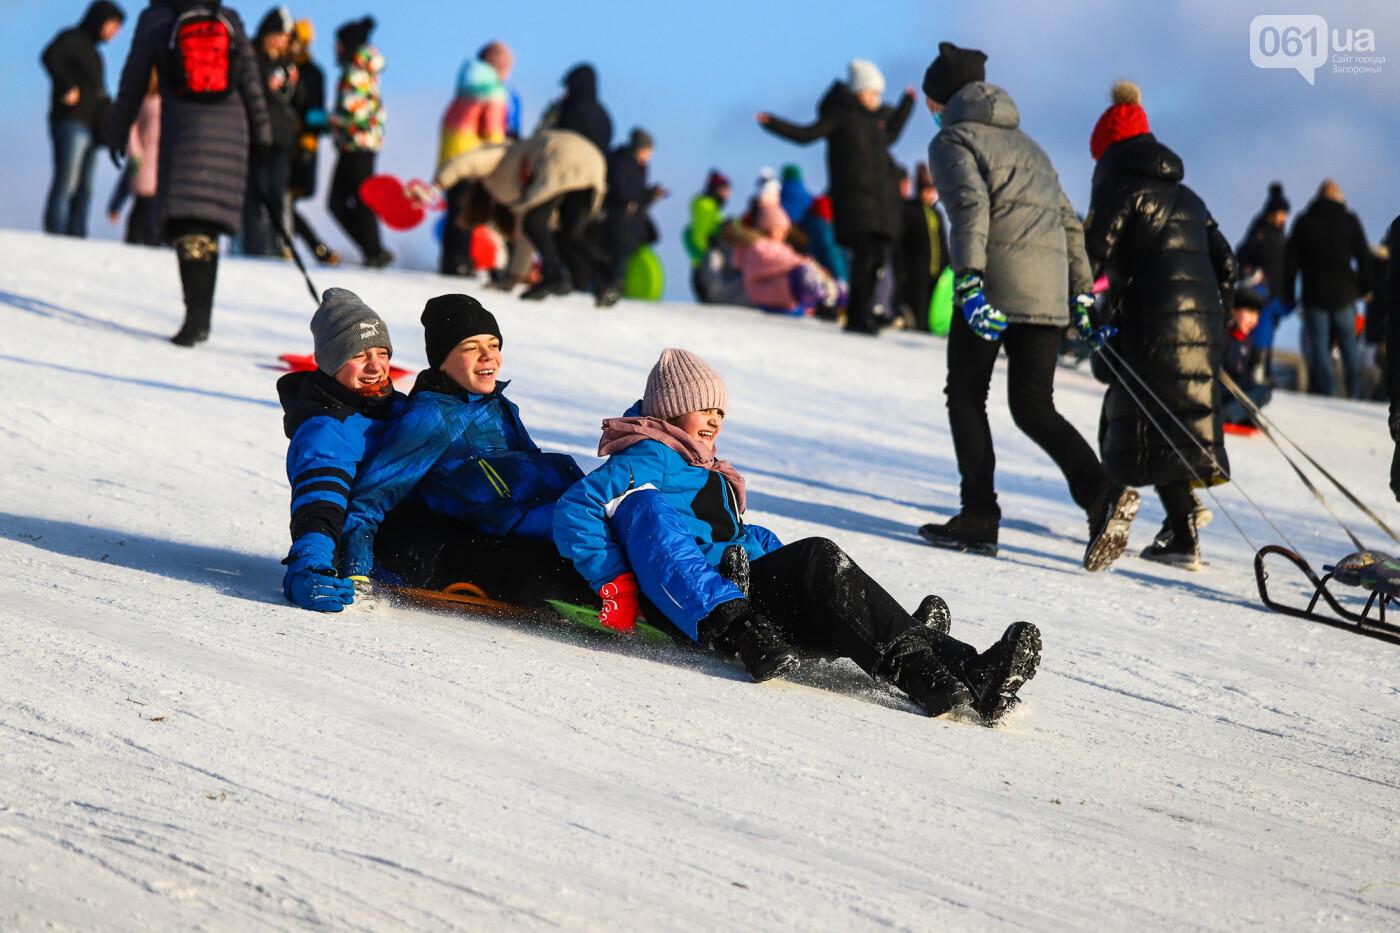 На санках, лыжах и сноуборде: запорожцы устроили массовое катание с горок в Вознесеновском парке, - ФОТОРЕПОРТАЖ, фото-50